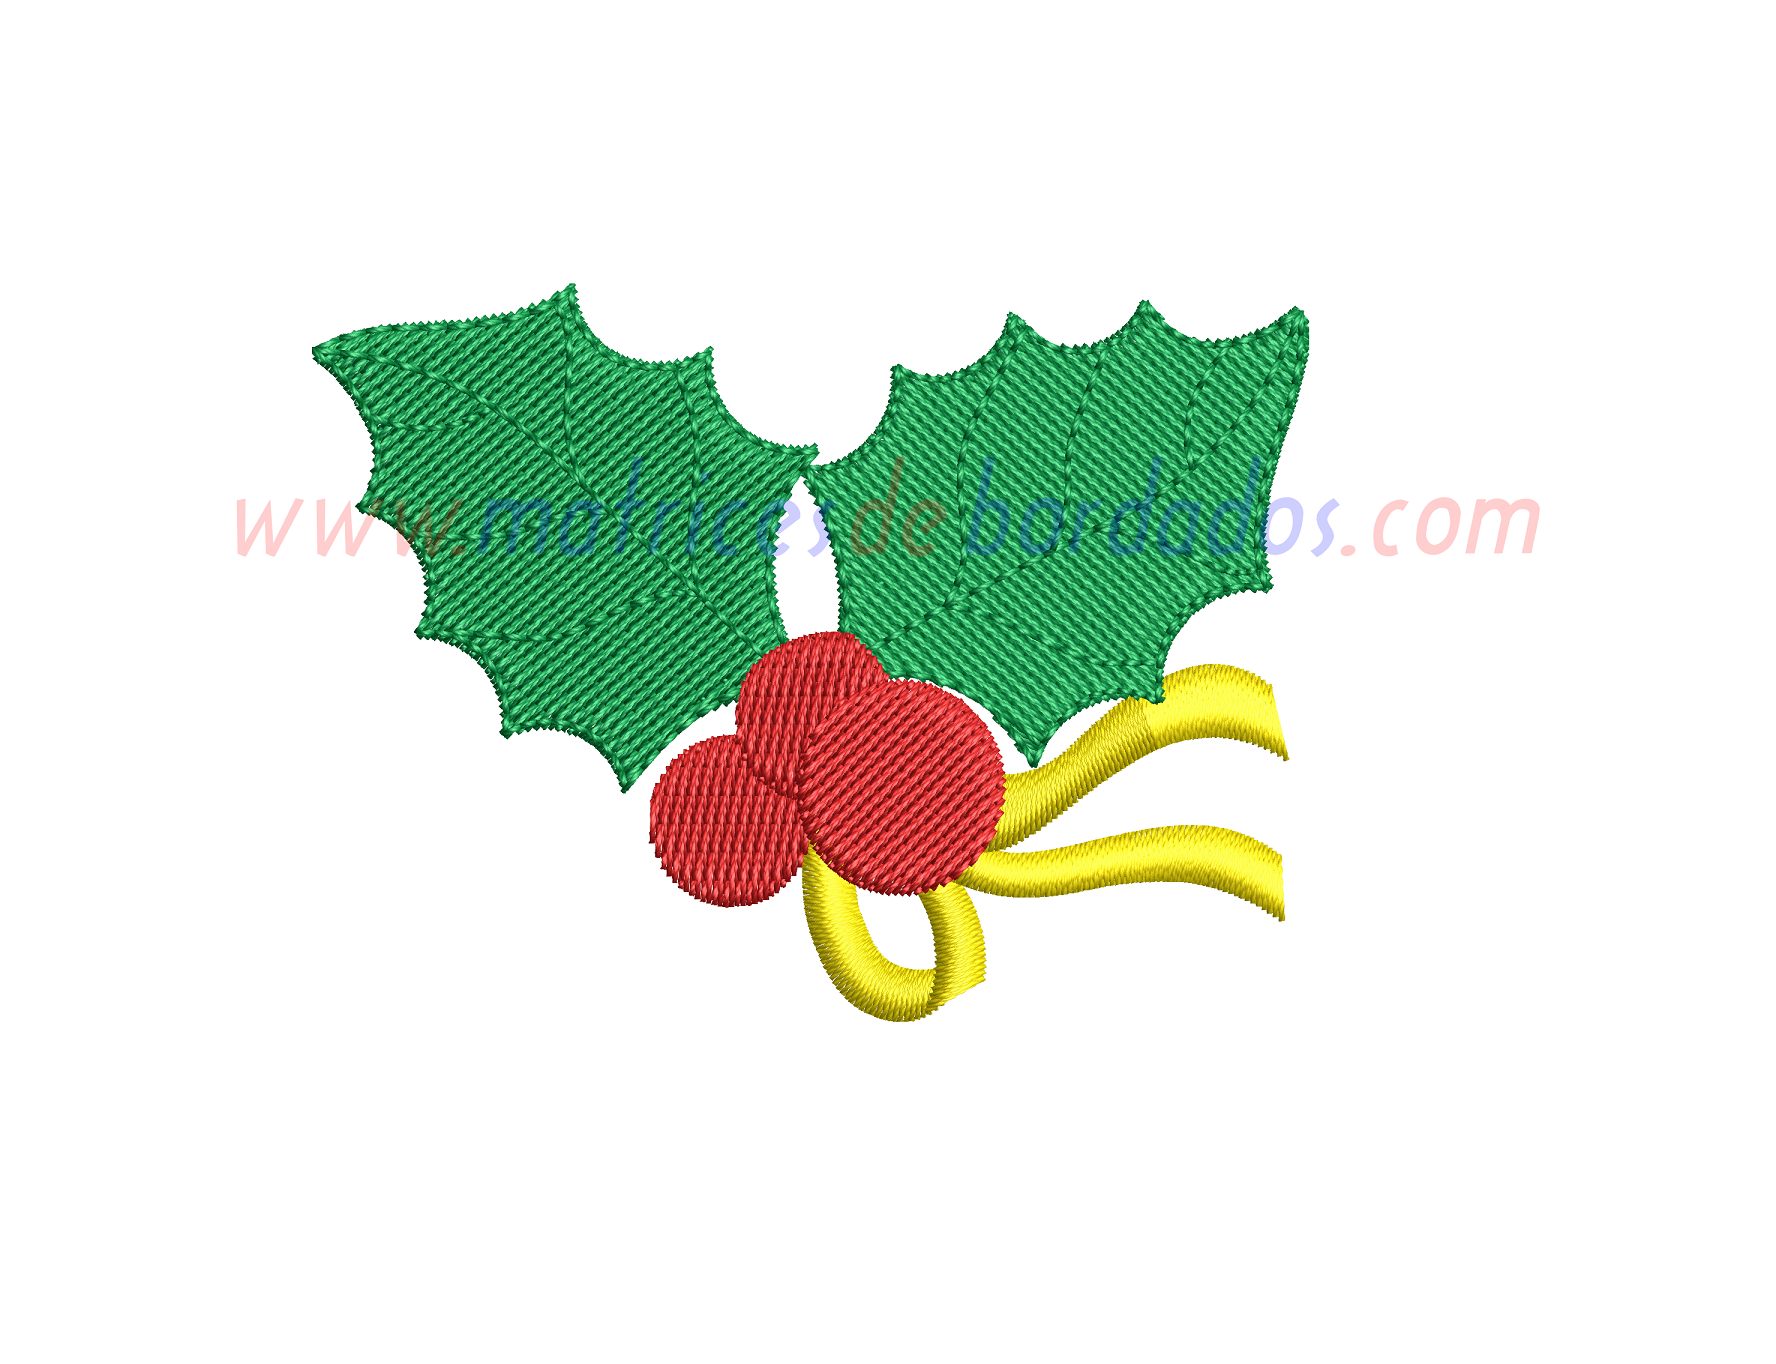 DM71PN - Muérdago Navidad